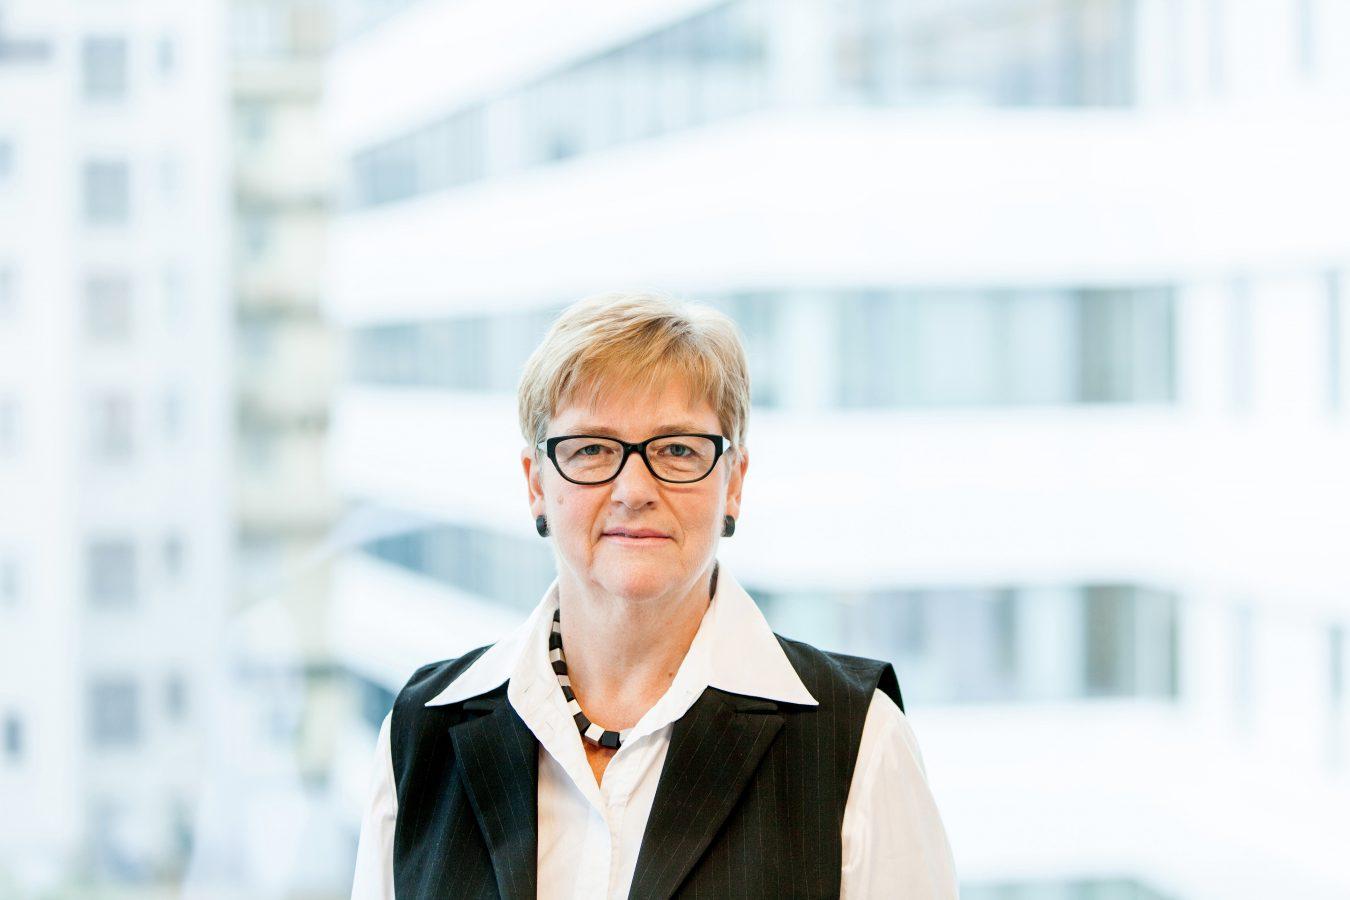 YS-leder Jorunn Berland. Foto: Johnny Syversen